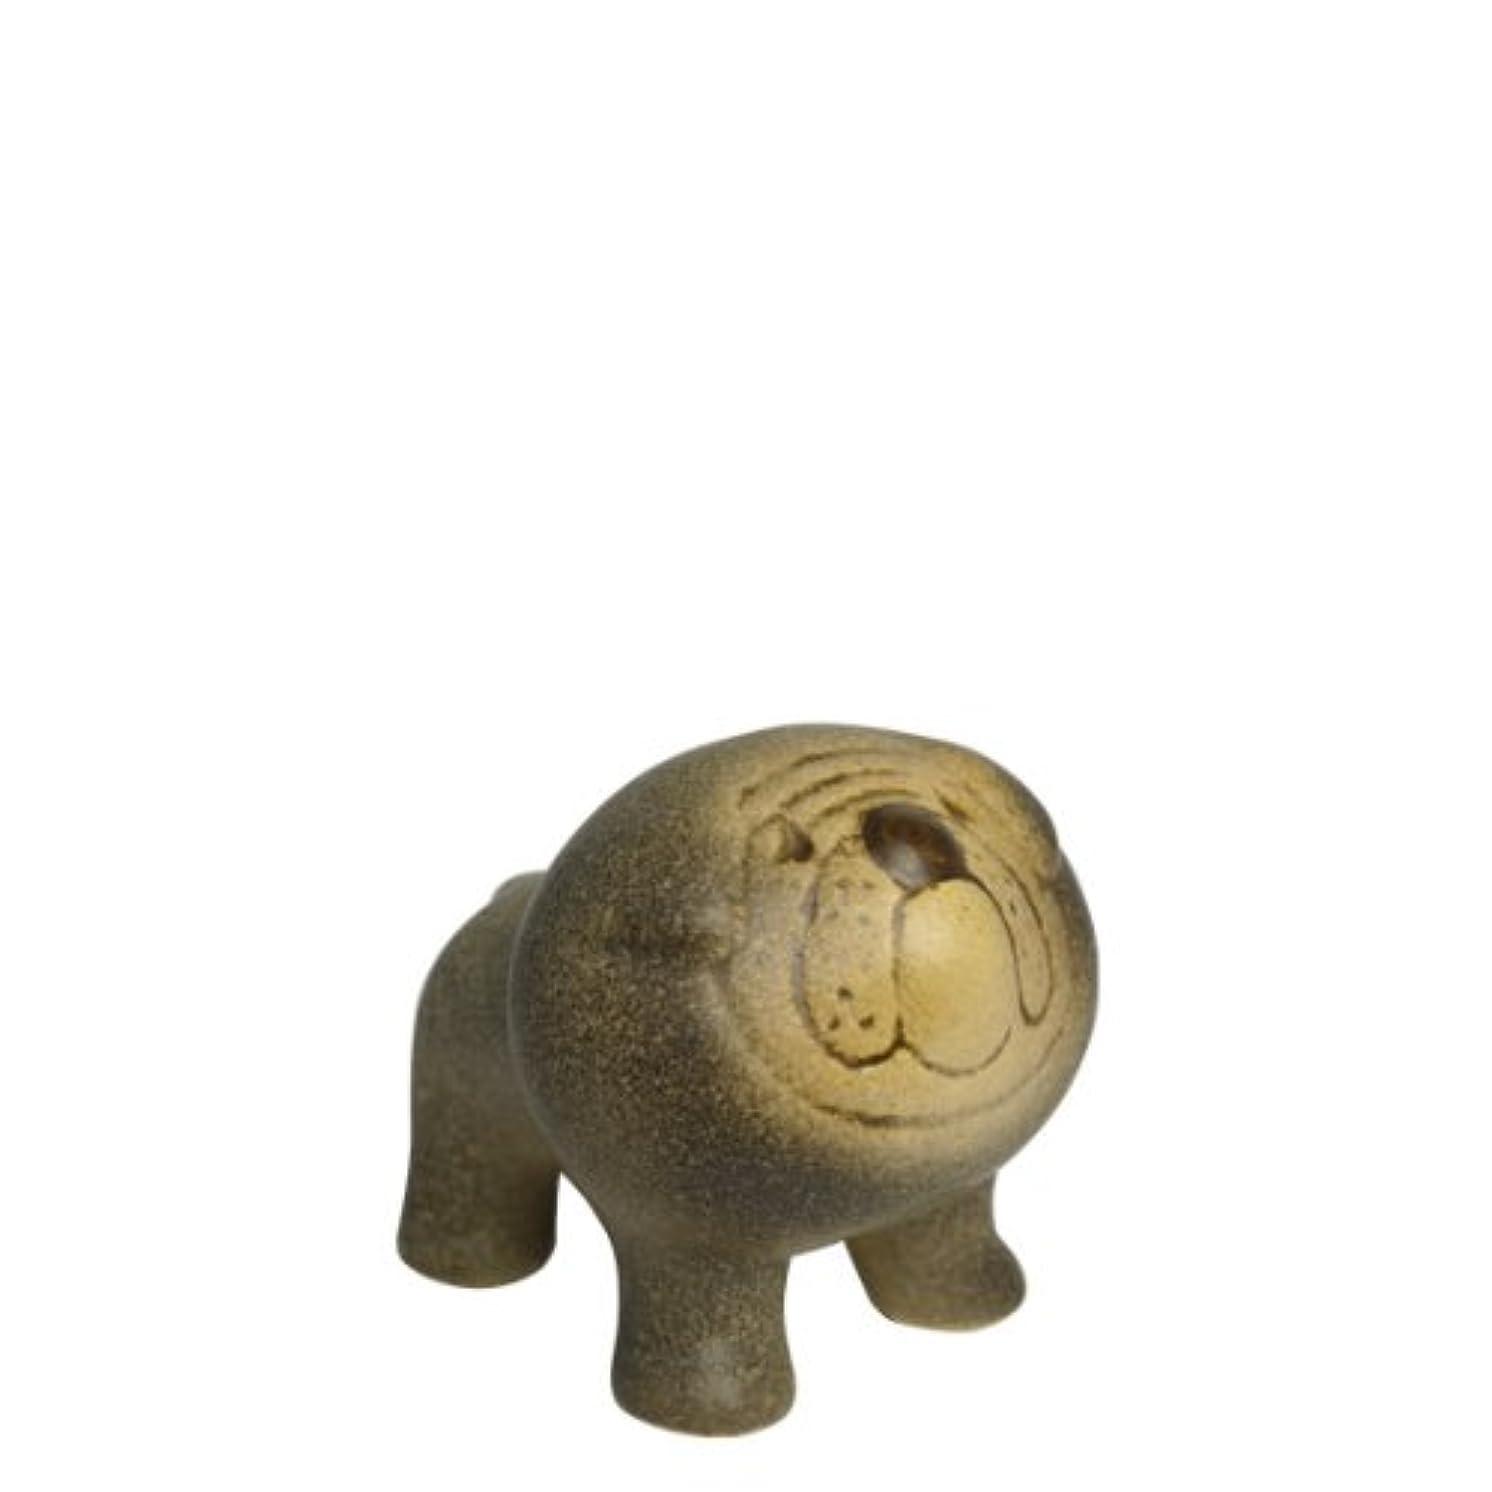 新しさ配当防ぐ[リサ?ラーソン] LISA LARSON ミニケンネル ブルドッグ (小) Mini Kennel Bulldog [並行輸入品]